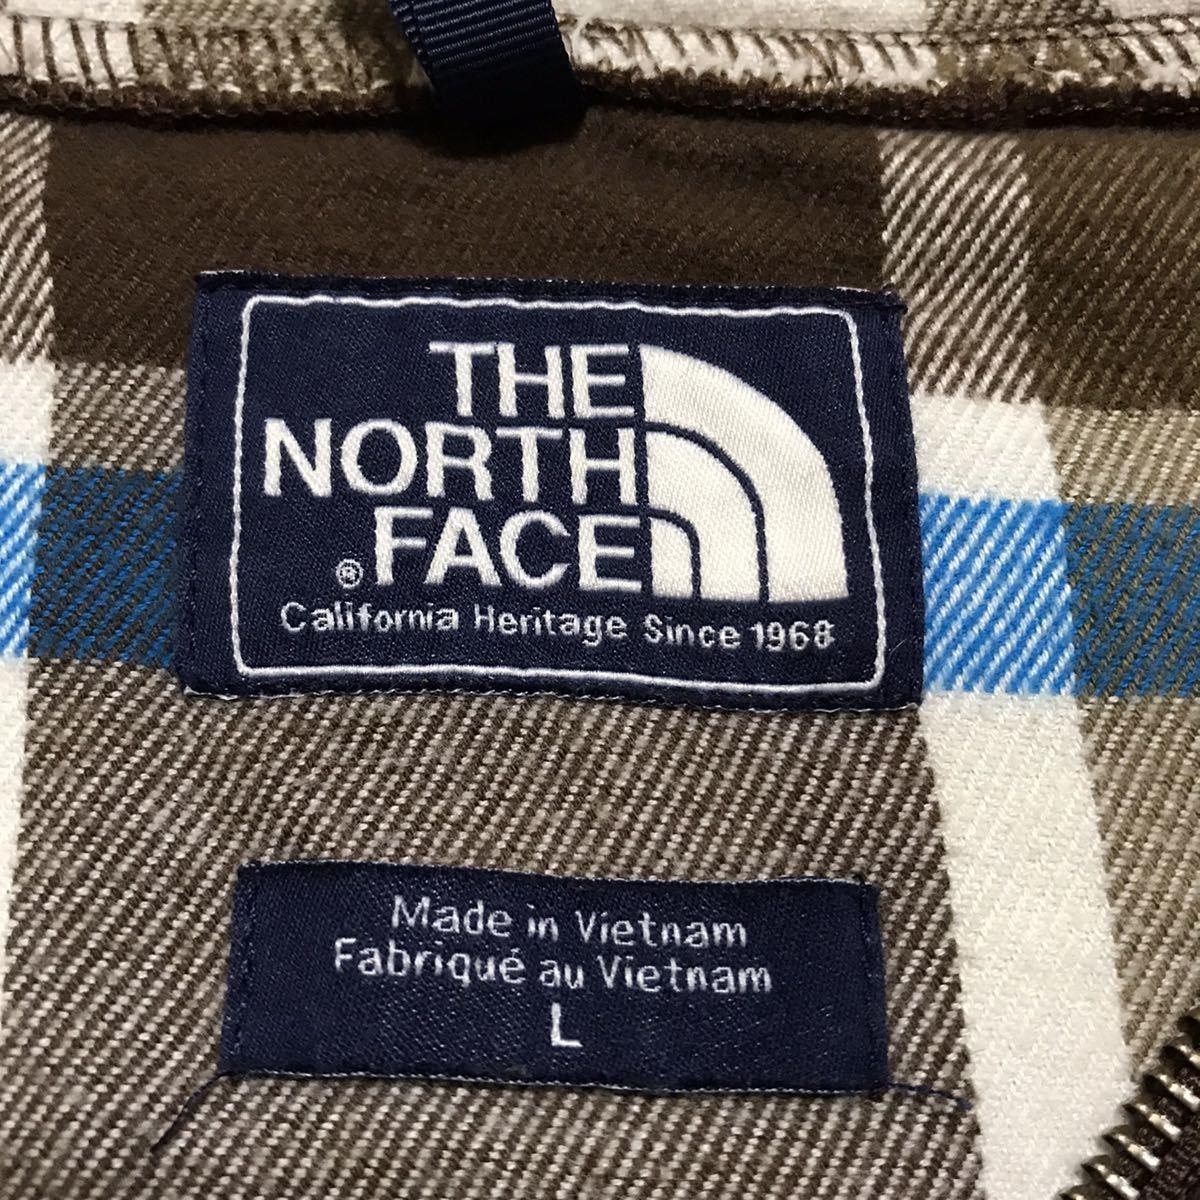 THE NORTH FACE ザ ノースフェイス フルジップパーカー スウェットパーカー L ブラウン アースカラー ネームタグ ビッグサイズ